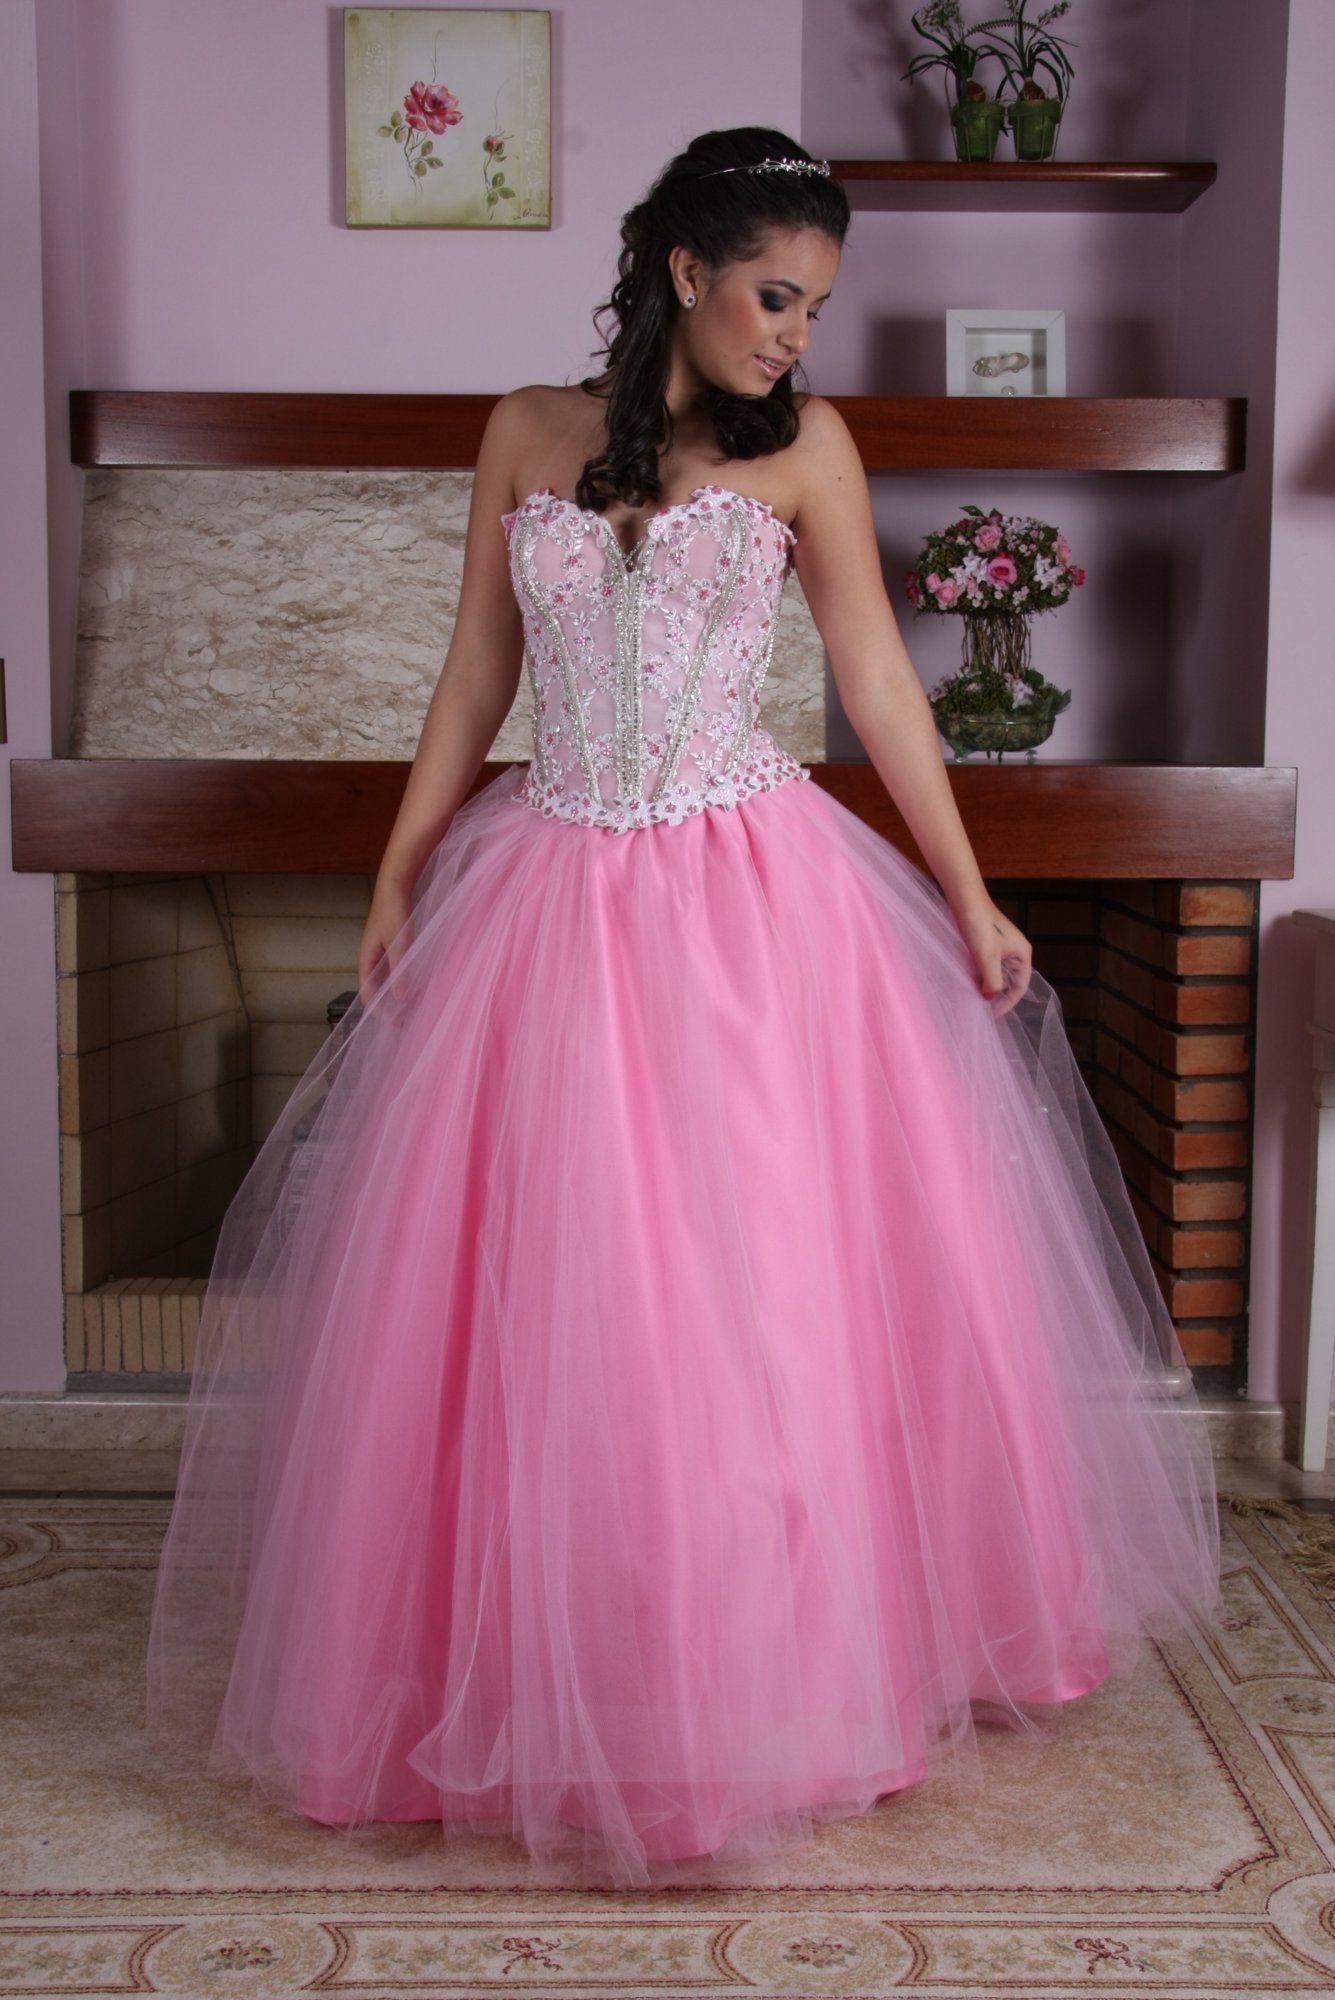 Vestido de Debutante Rosa - 26 - Hipnose Alta Costura e Spa para Noivas e Noivos - Campinas - SP Vestido de Debutante, Vestido de Debutante Rosa, Hipnose Alta Costura